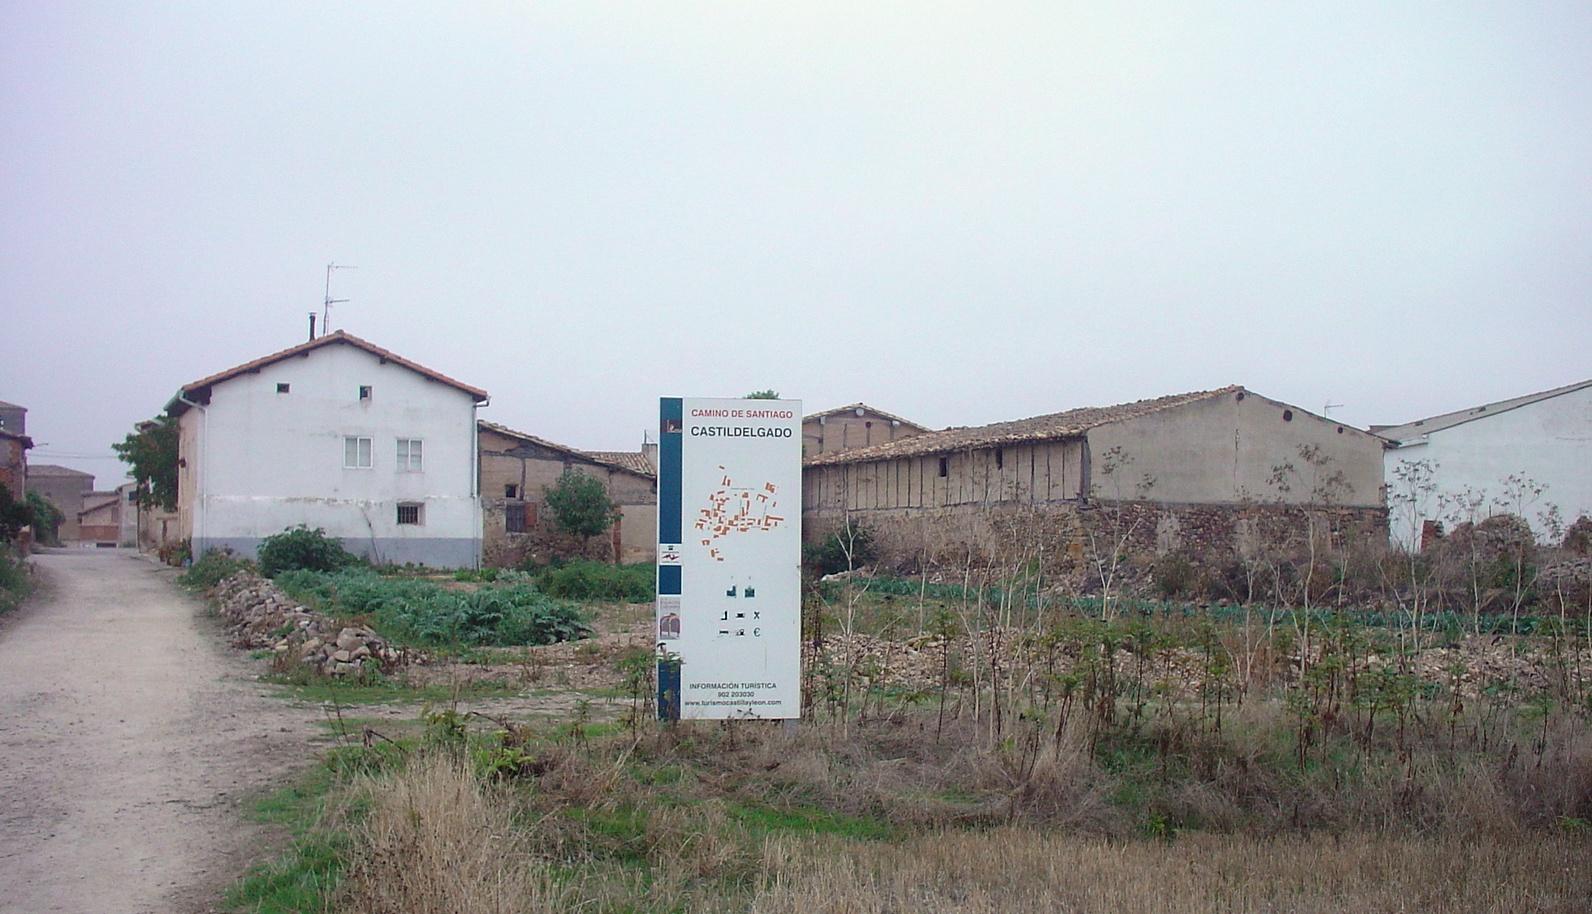 Castildegado